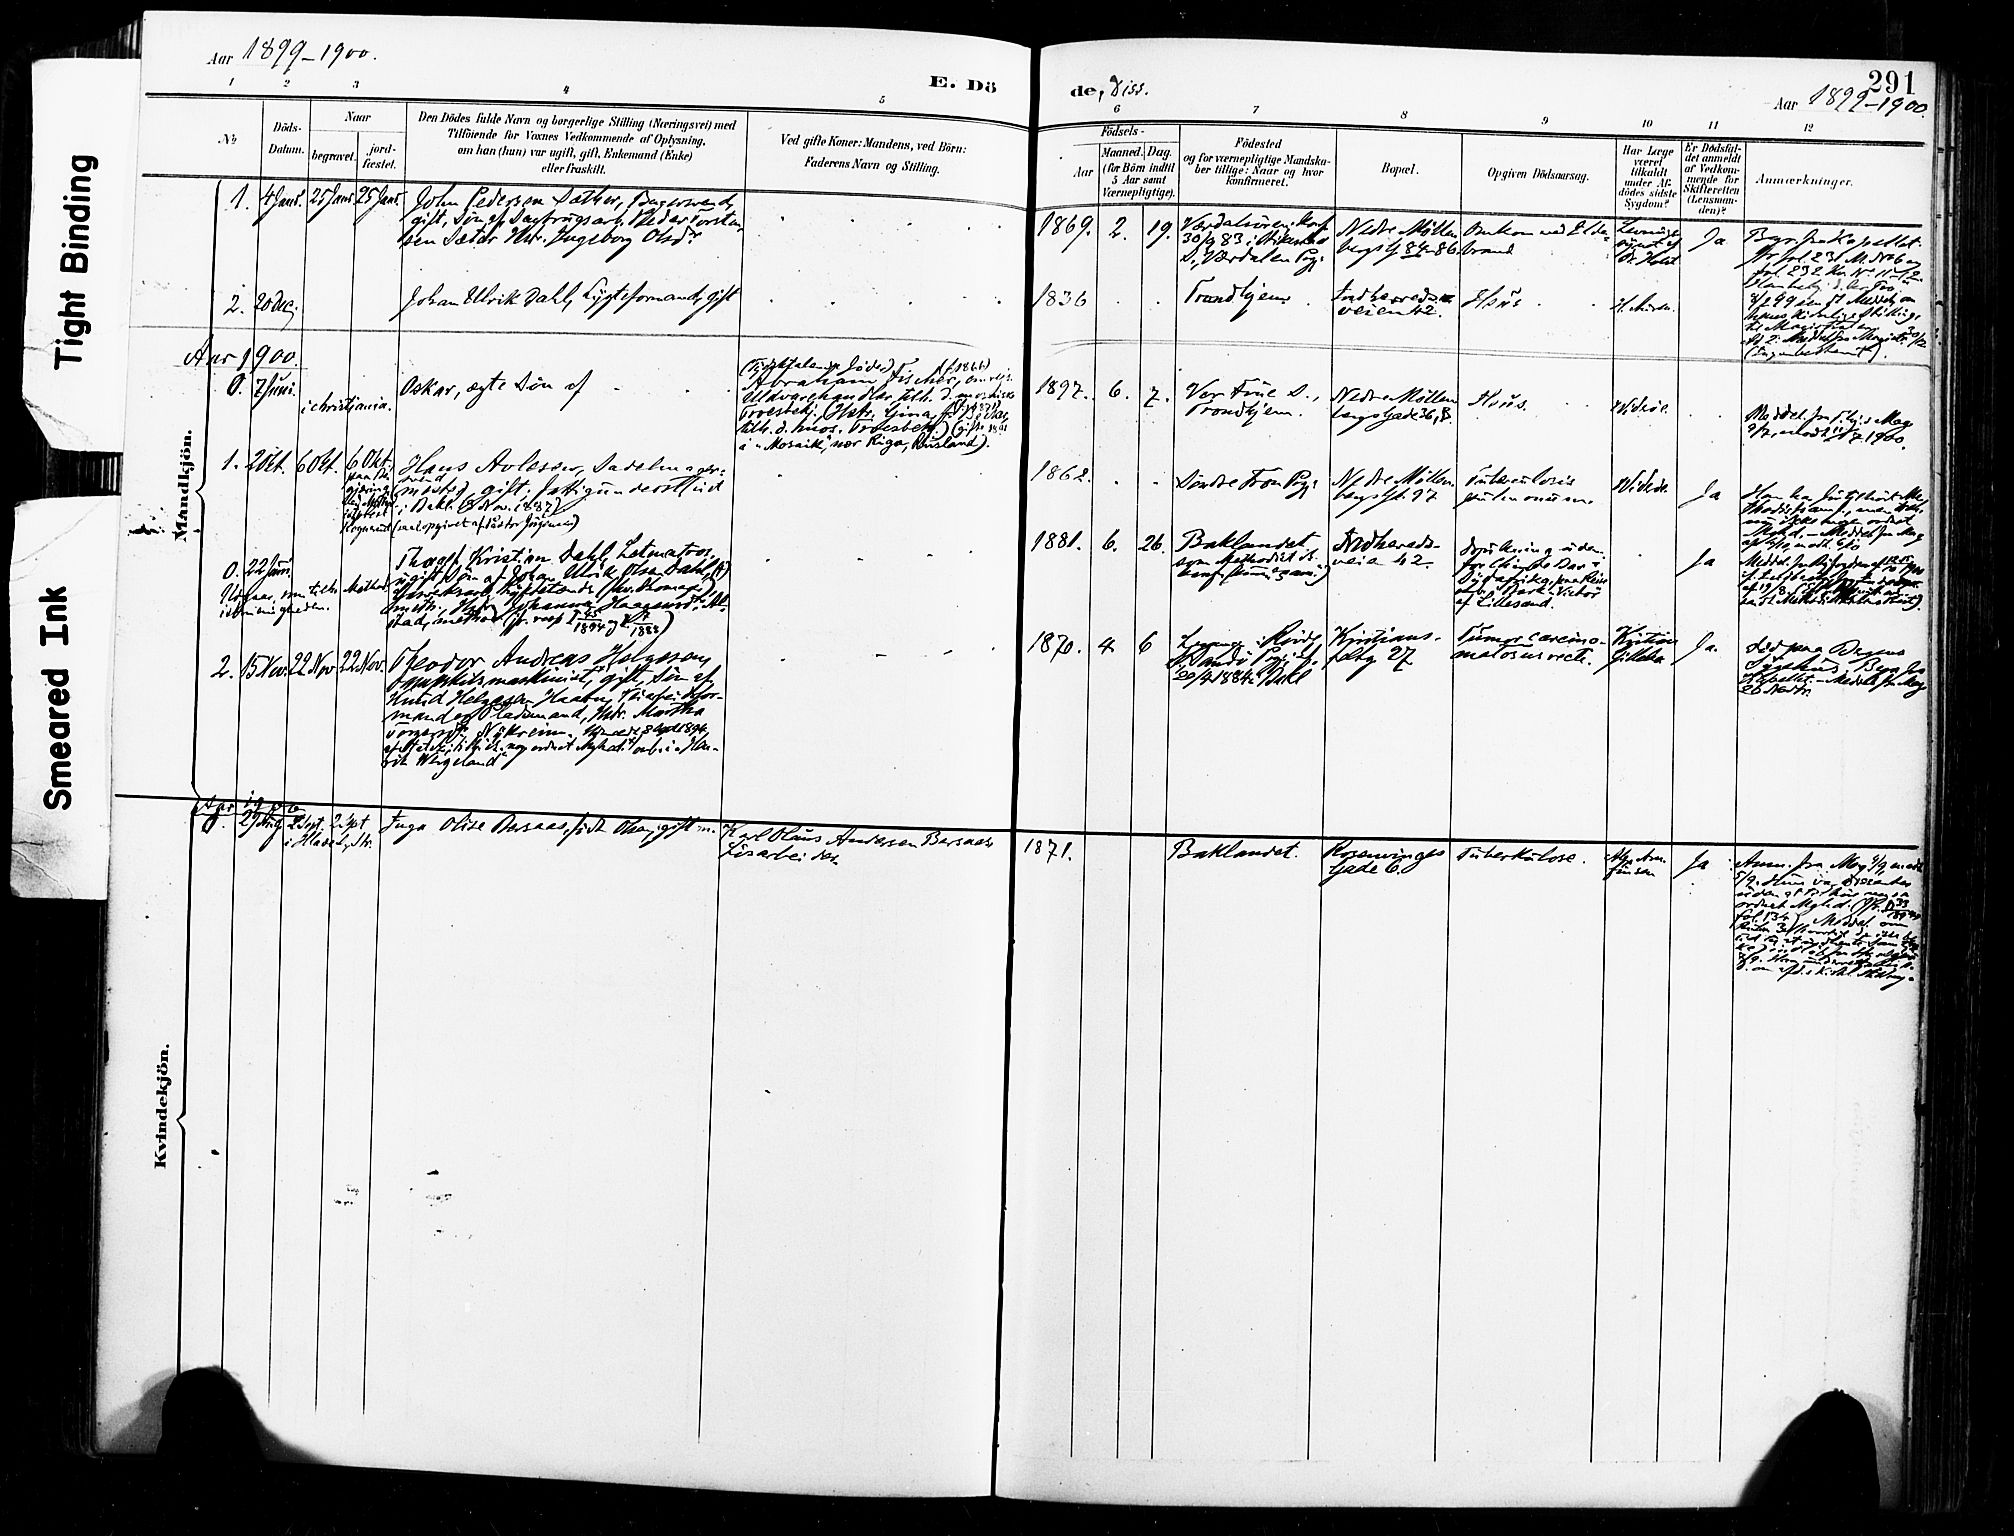 SAT, Ministerialprotokoller, klokkerbøker og fødselsregistre - Sør-Trøndelag, 604/L0198: Ministerialbok nr. 604A19, 1893-1900, s. 291